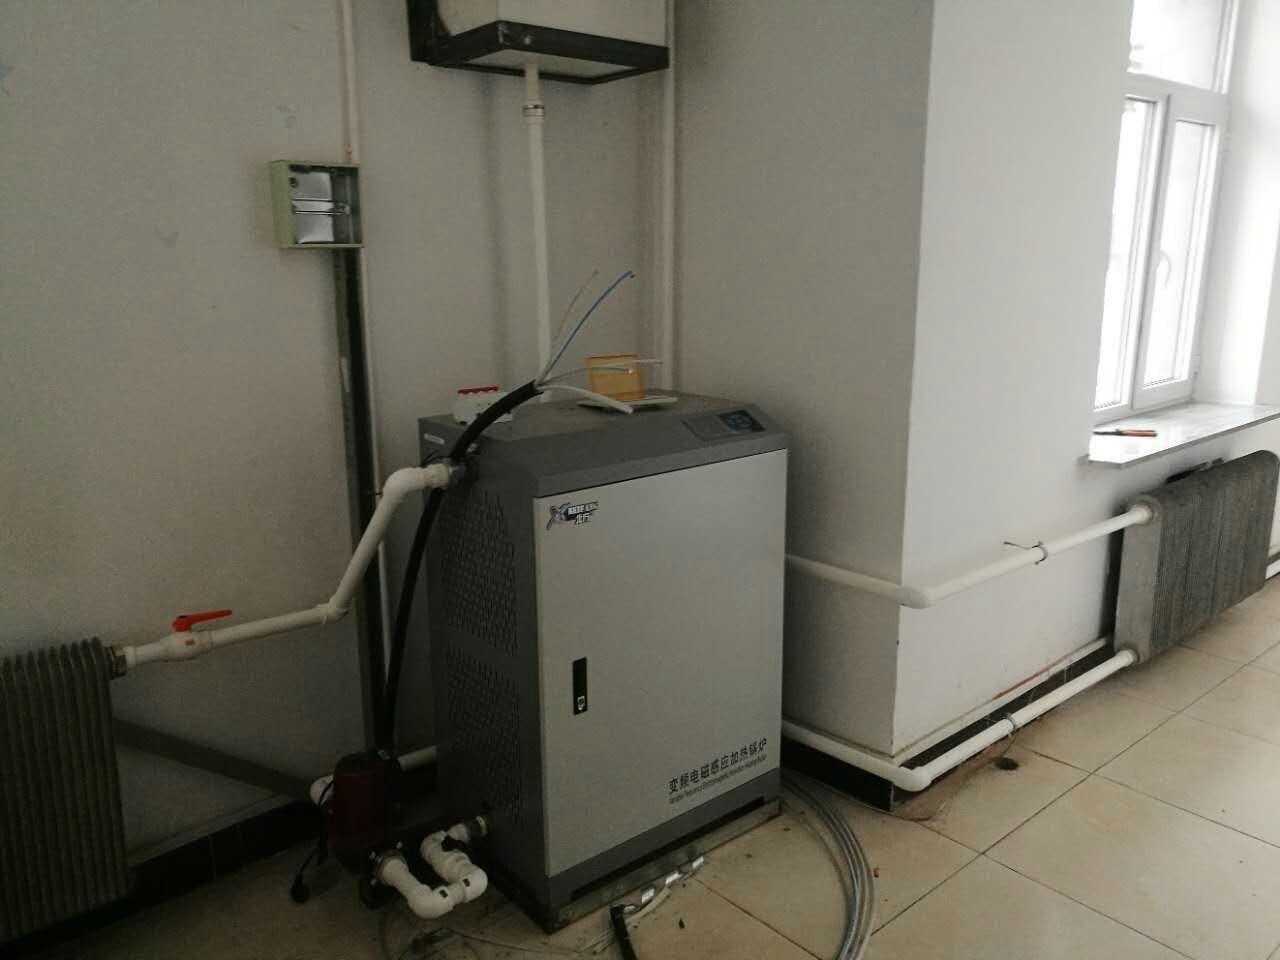 煤改电的取暖设备是什么样的?供暖效果如何?煤电哪个便宜?